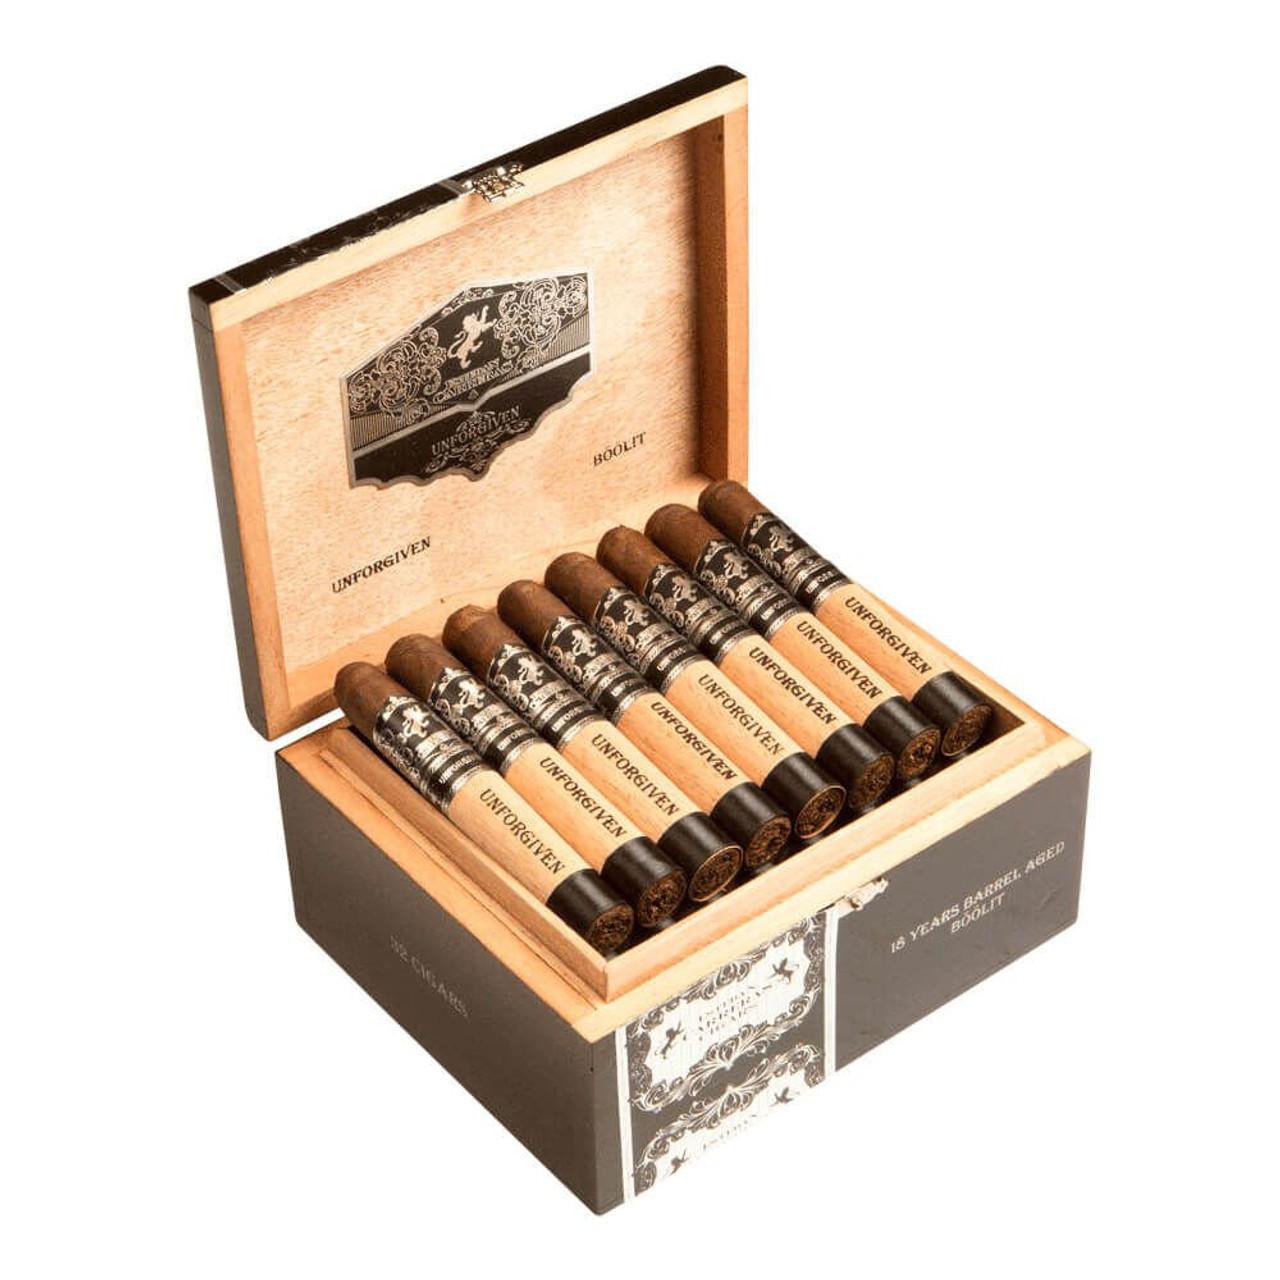 Esteban Carreras Unforgiven Sesenta Cigars - 6 x 60 (Box of 24)